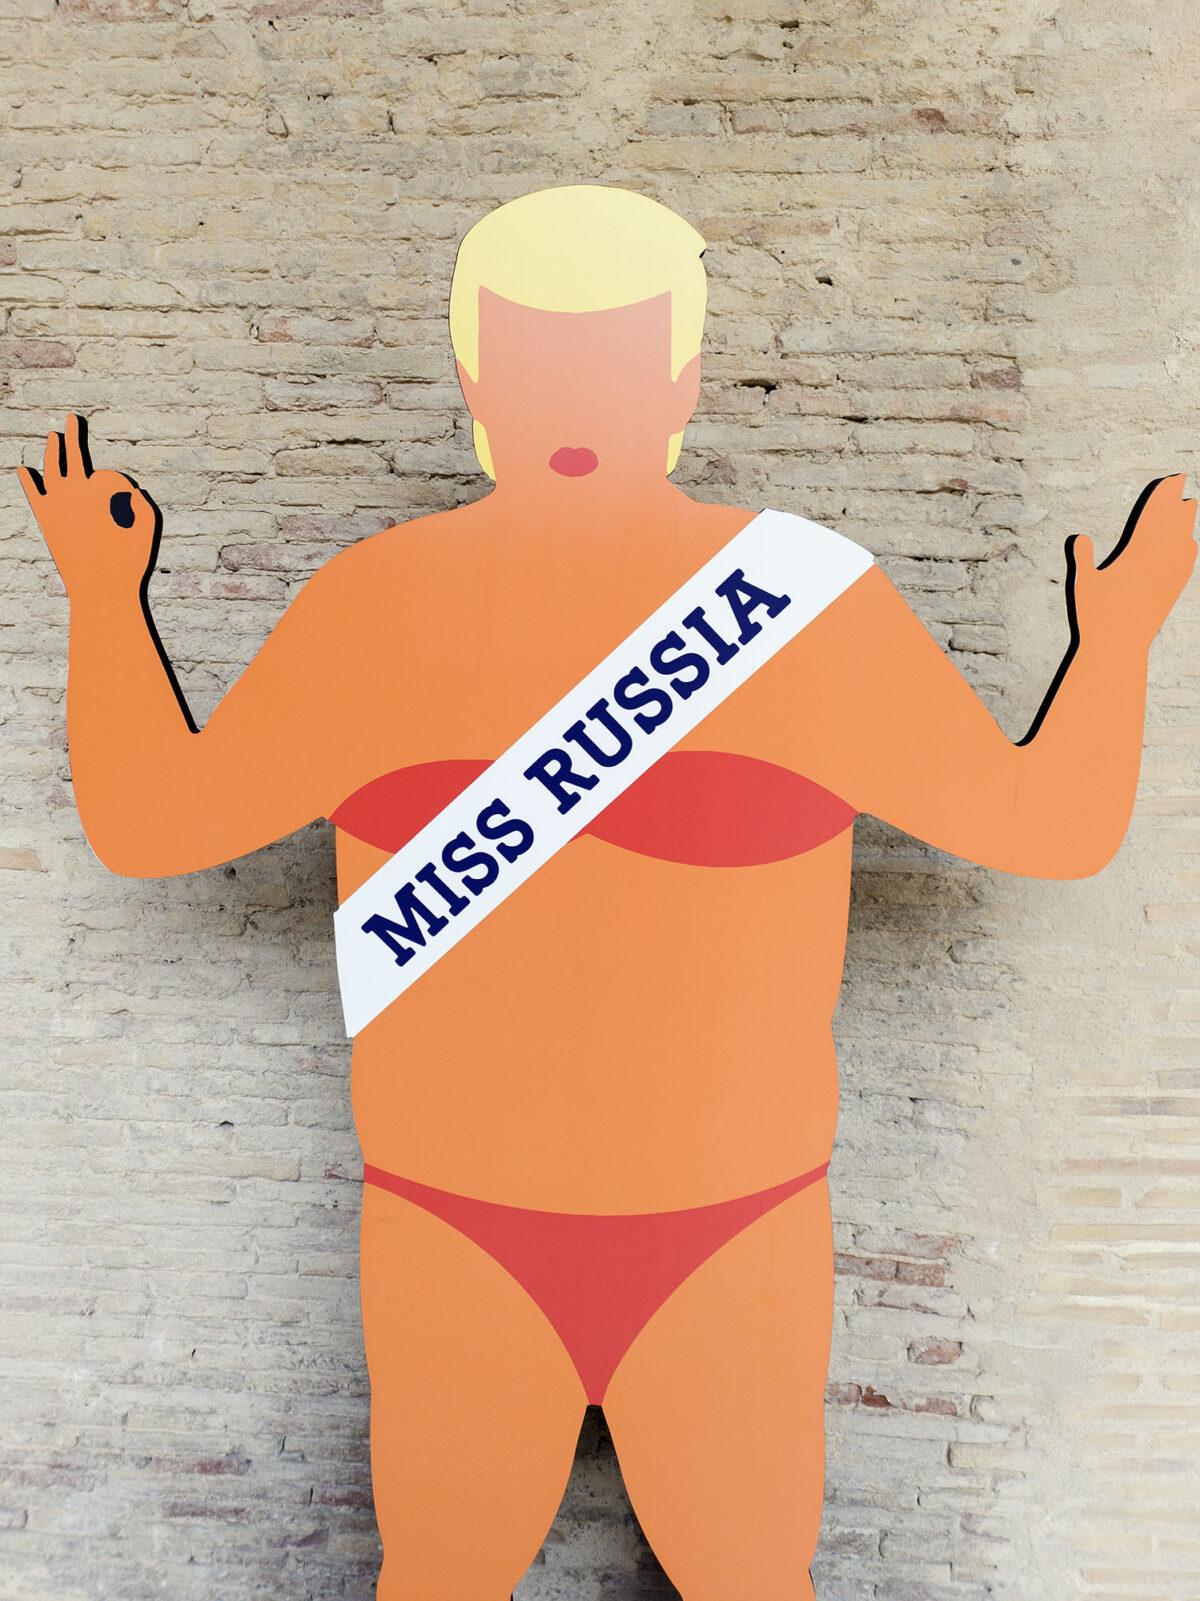 Trump Miss Russia